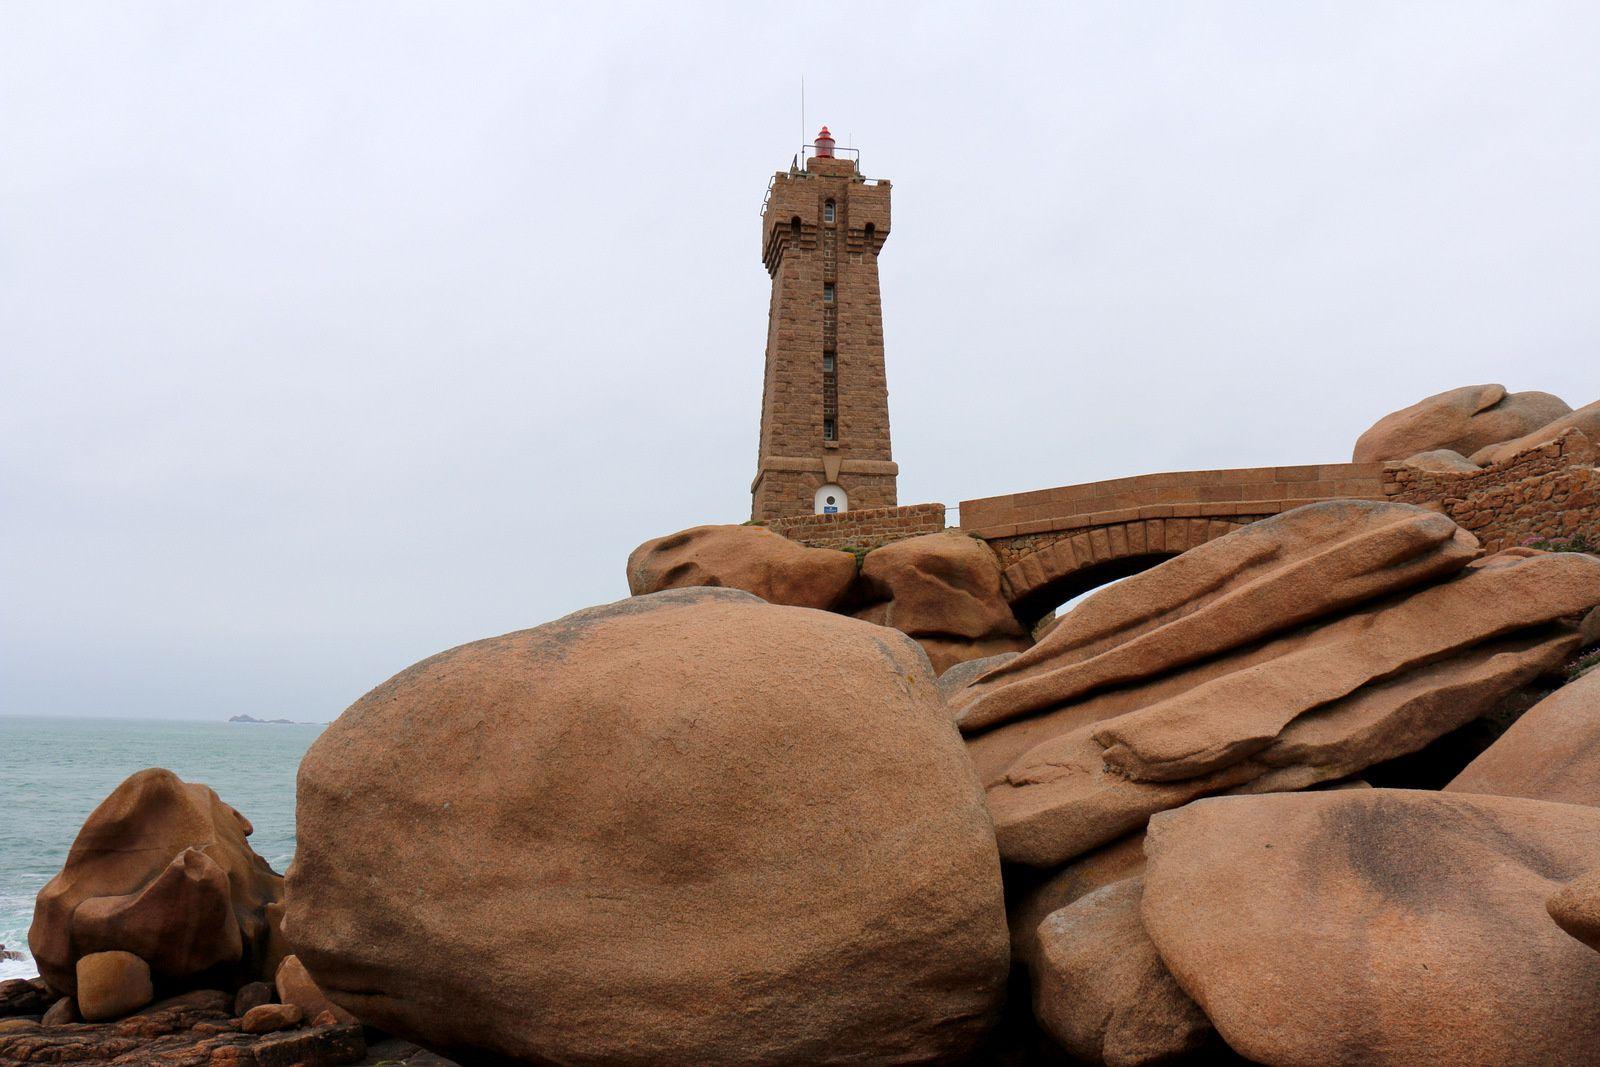 Le phare de Ploumanac'h (phare de Mean Ruz)